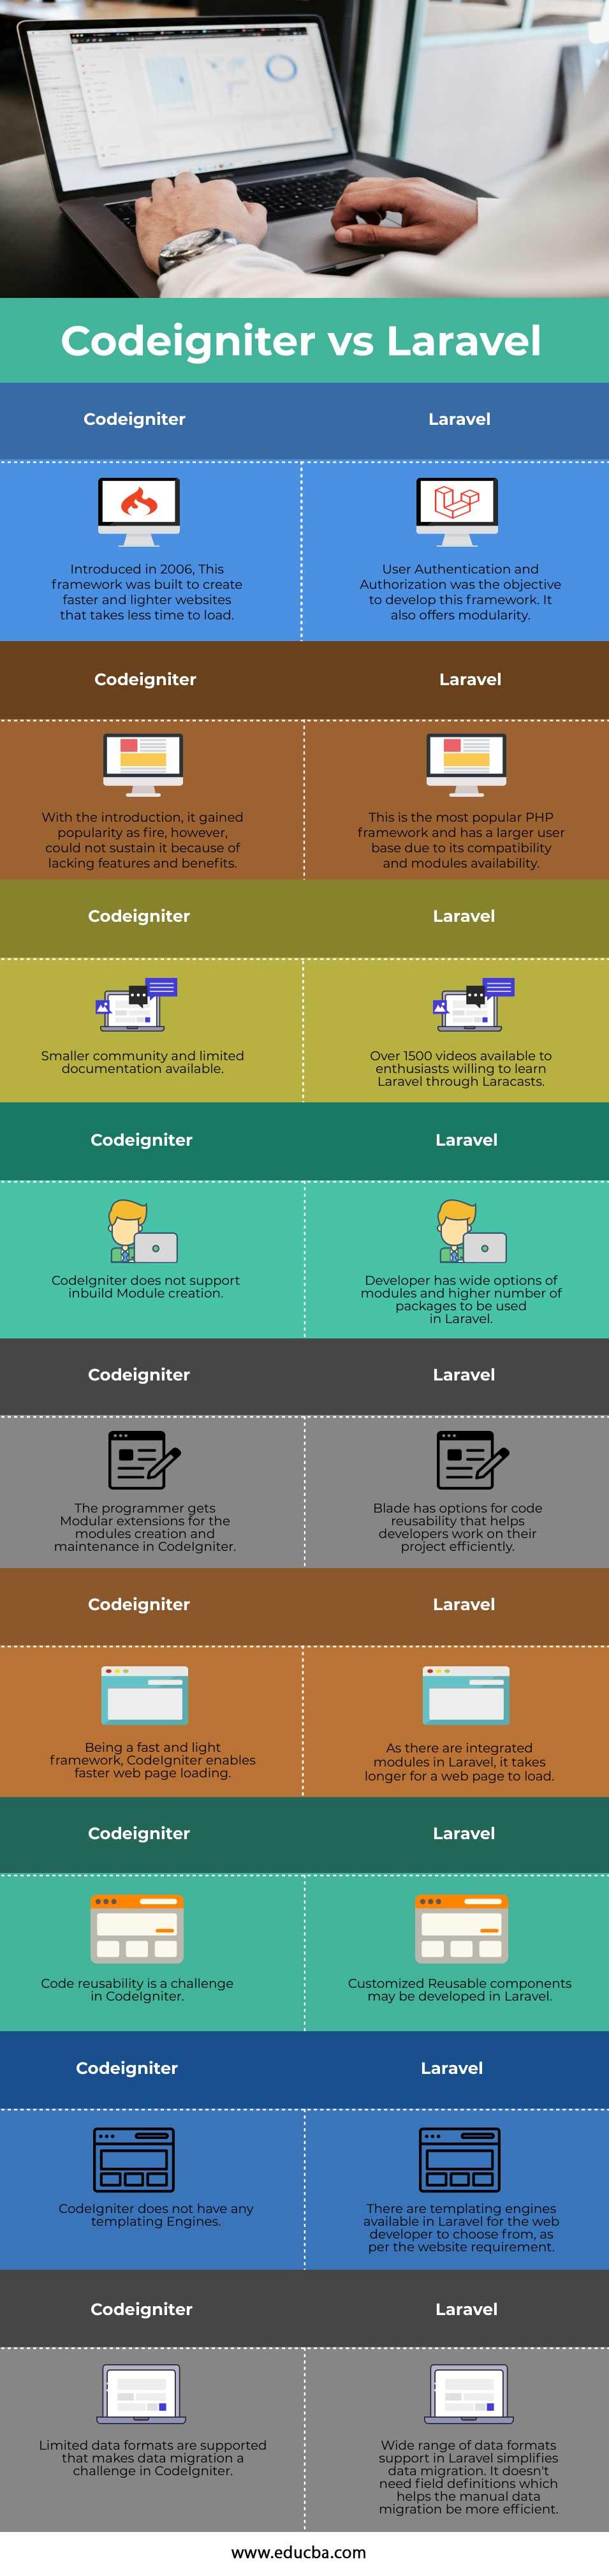 Codeigniter-vs-Laravel-info